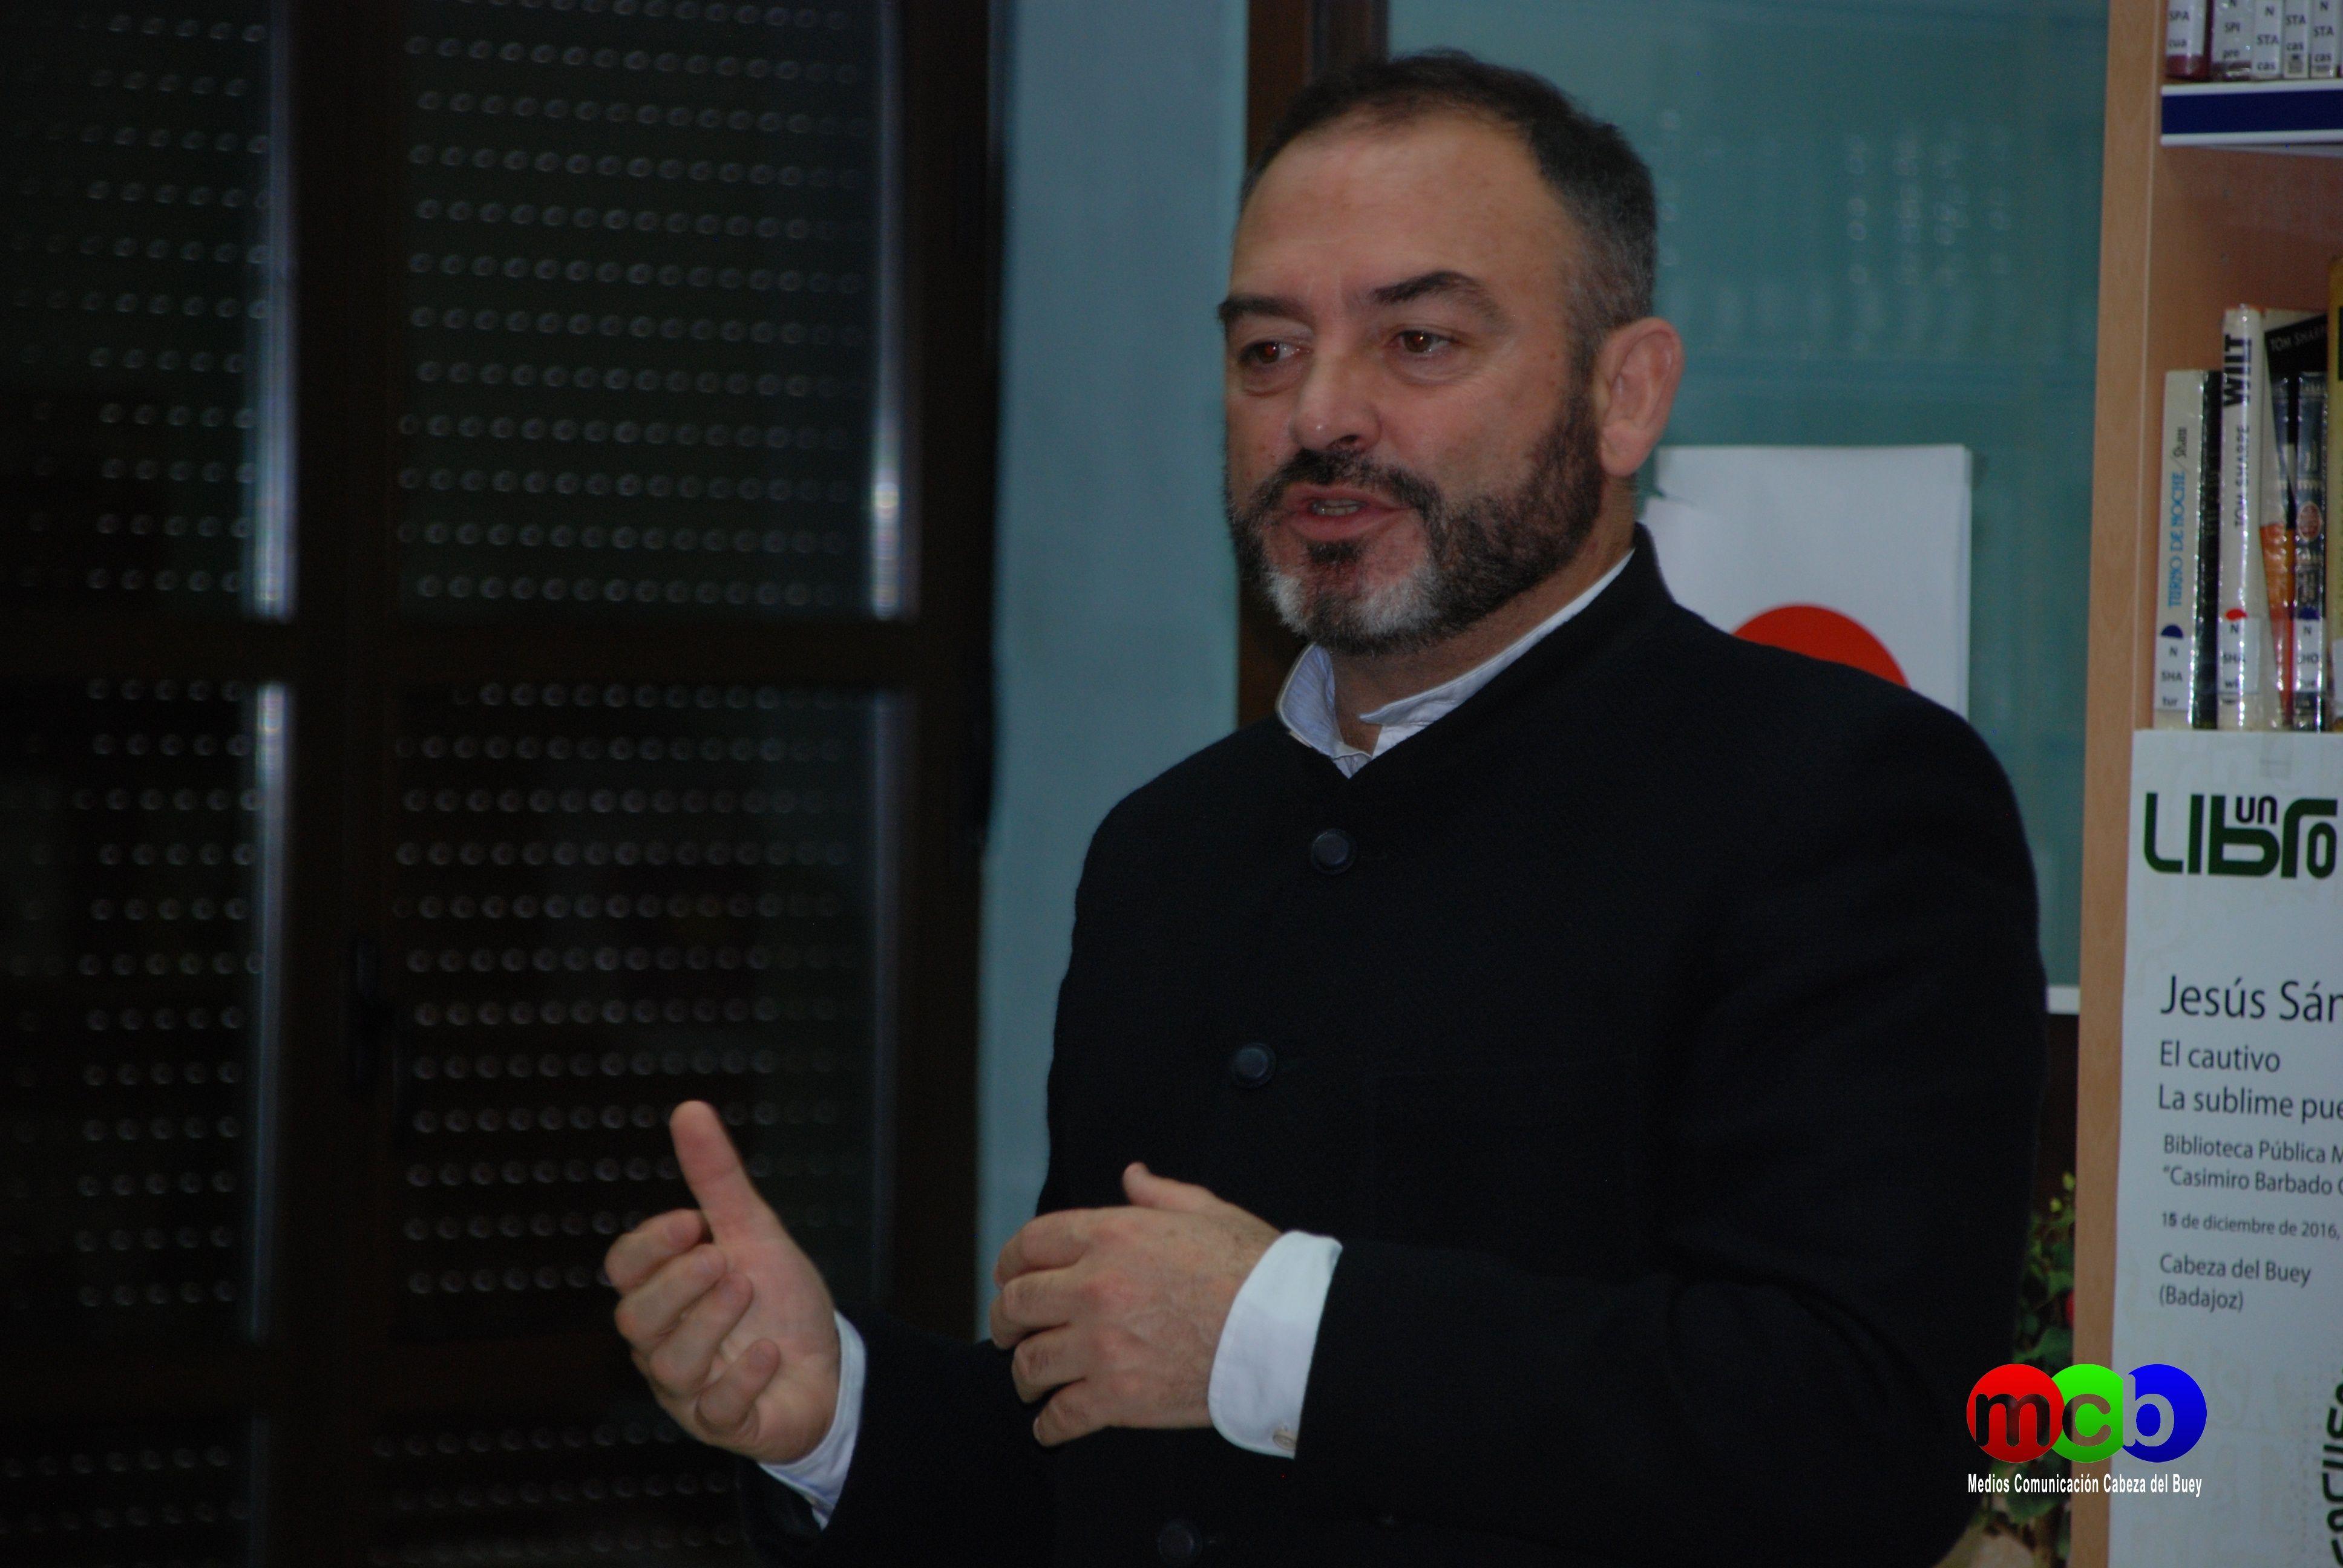 """Cabeza del Buey. Encuentro con Autor. Jesús Sánchez Adalid en la Biblioteca Pública Municipal """"Casmiro Barbado González"""" el 15 de diciembre de 2016"""